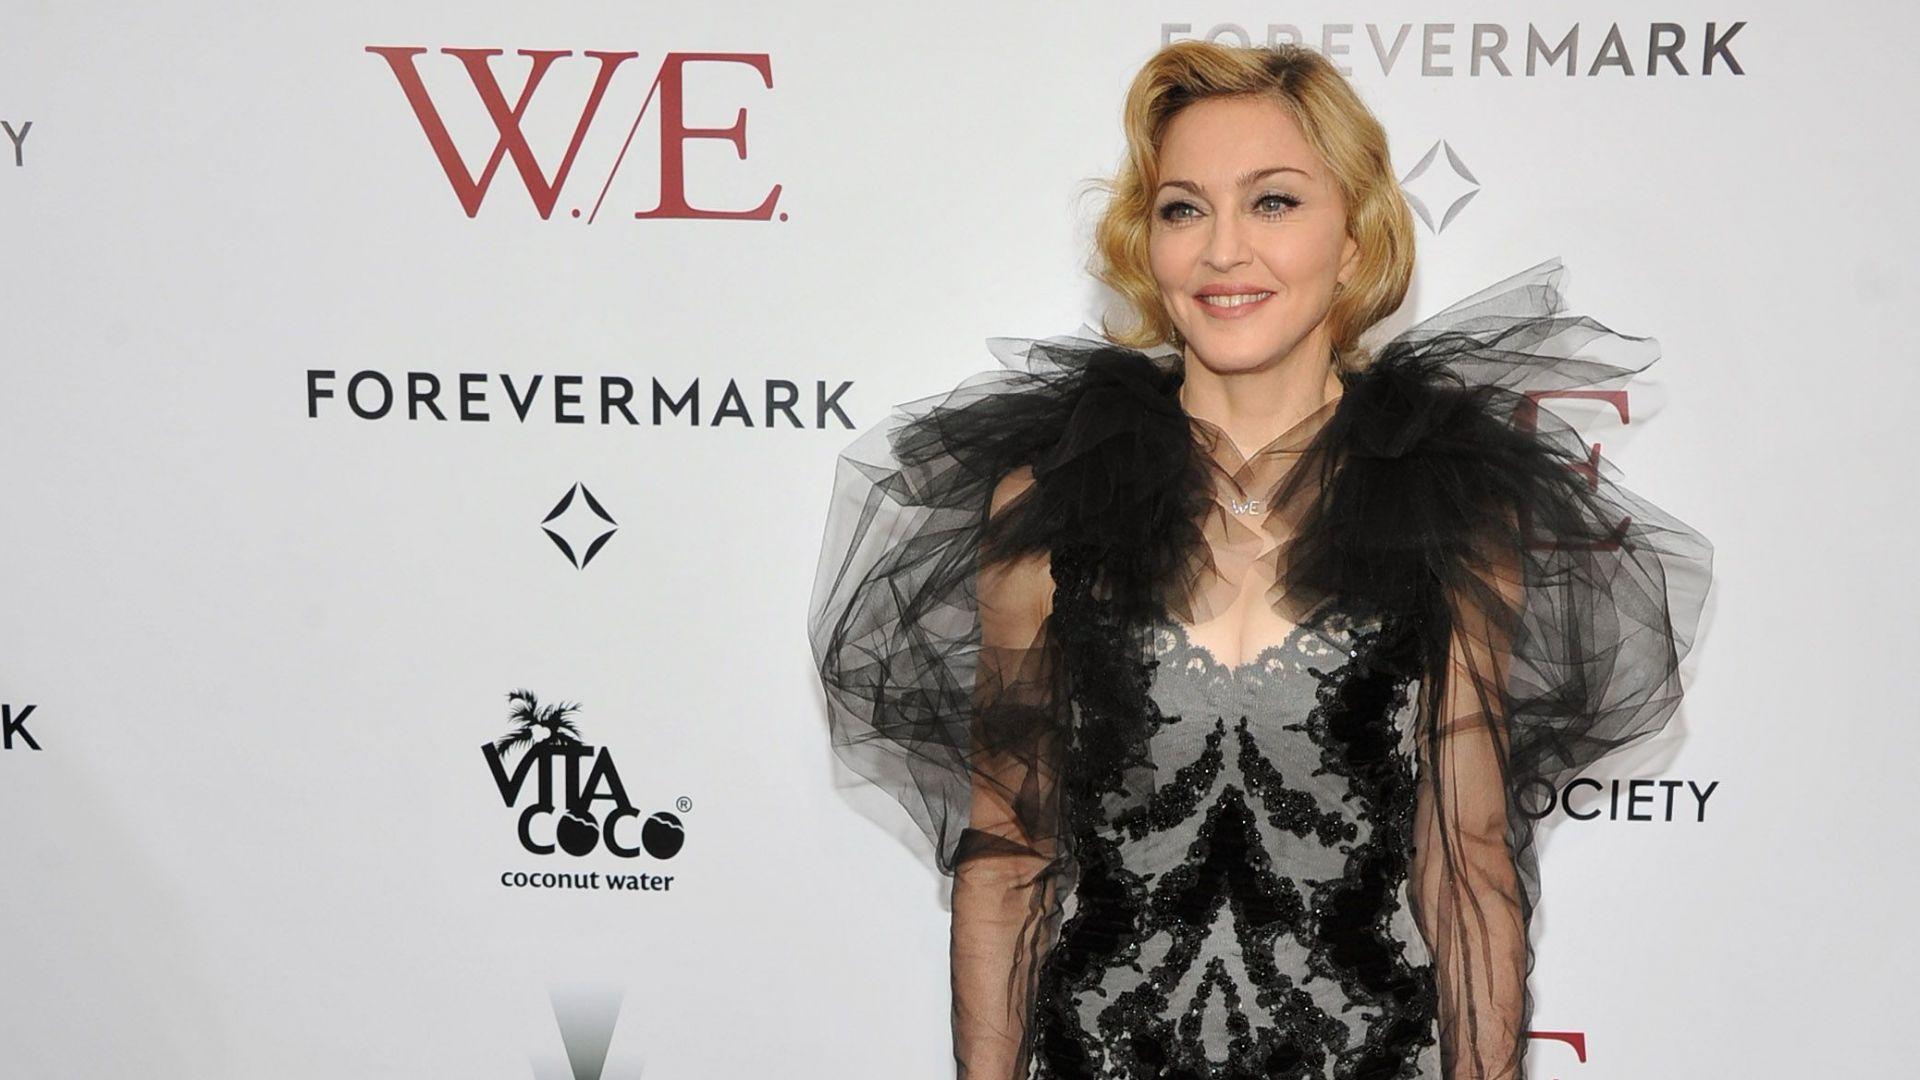 Нов паркинг на Мадона в Лисабон предизвиква скандал